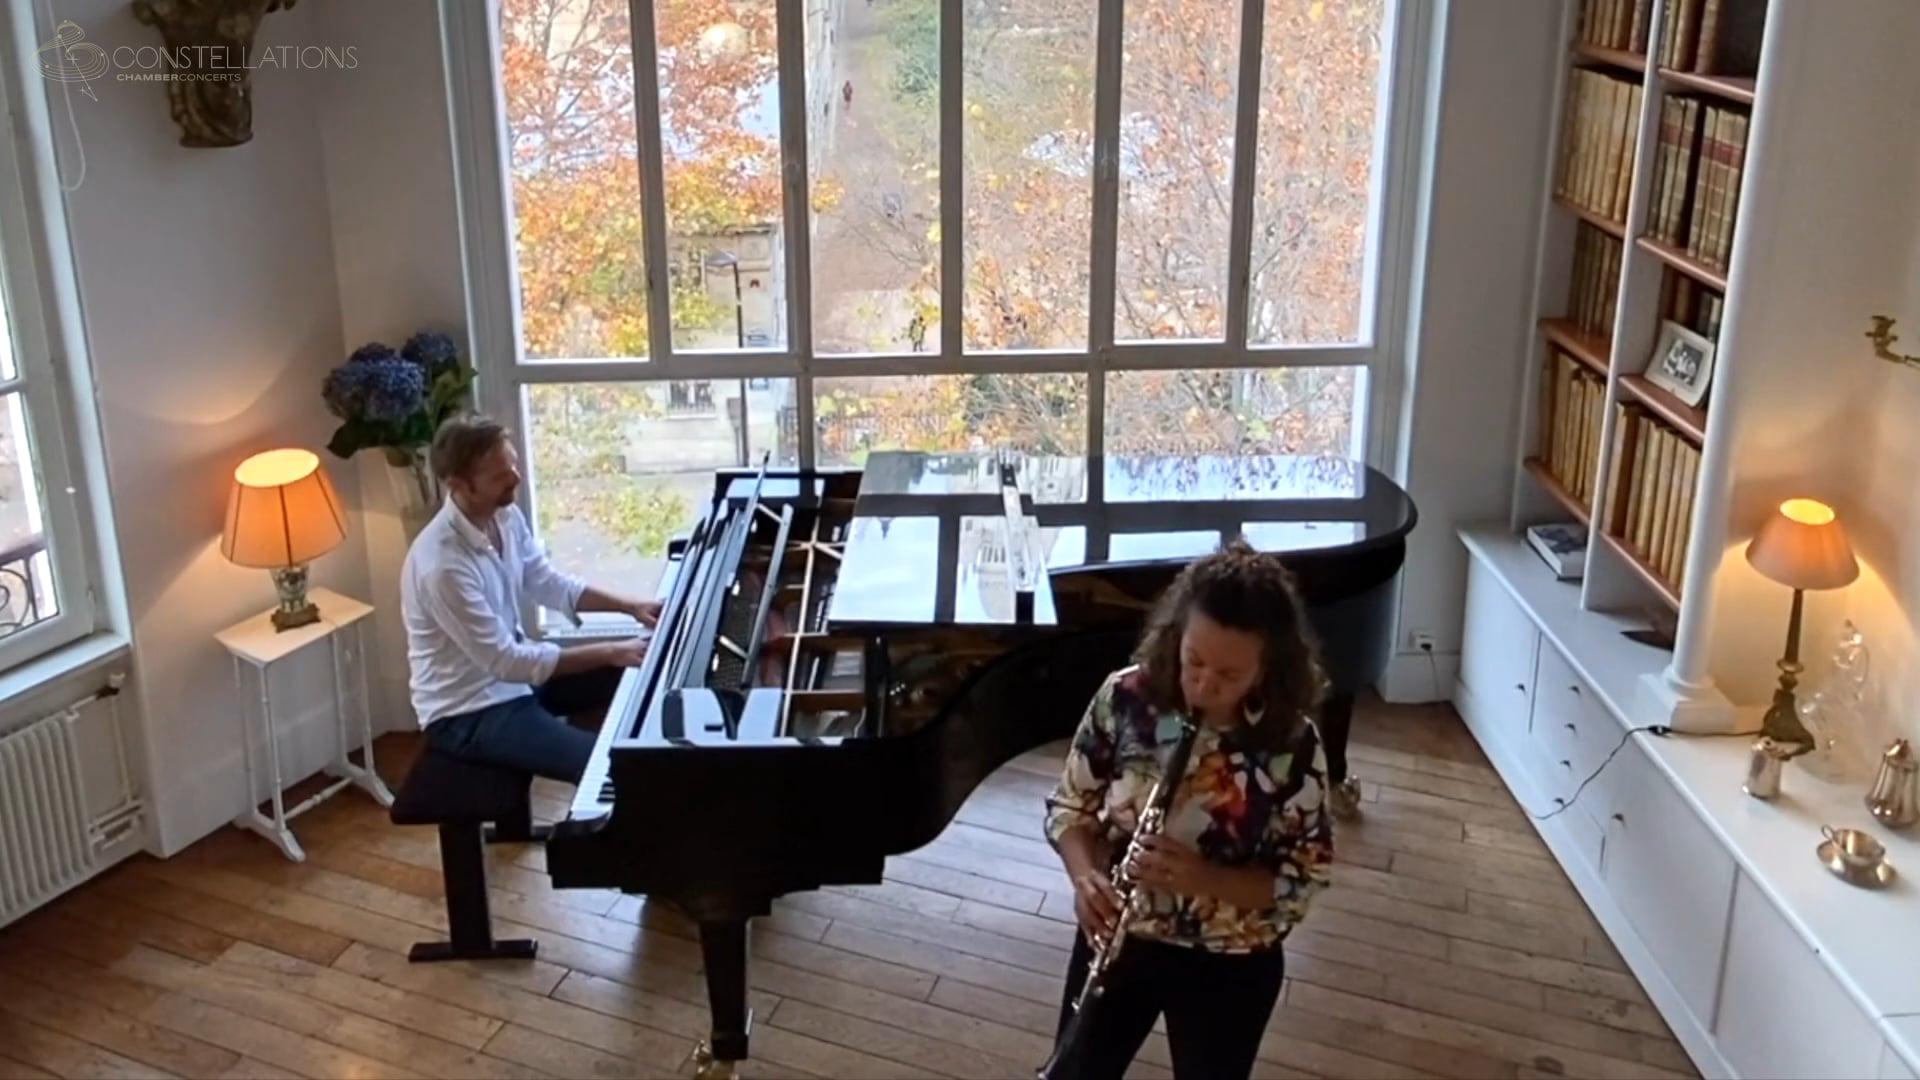 Mariam Adam & Andrew von Oeyen - Brahms: Clarinet Sonata Op. 120 No. 2, II. Allegro appassionato